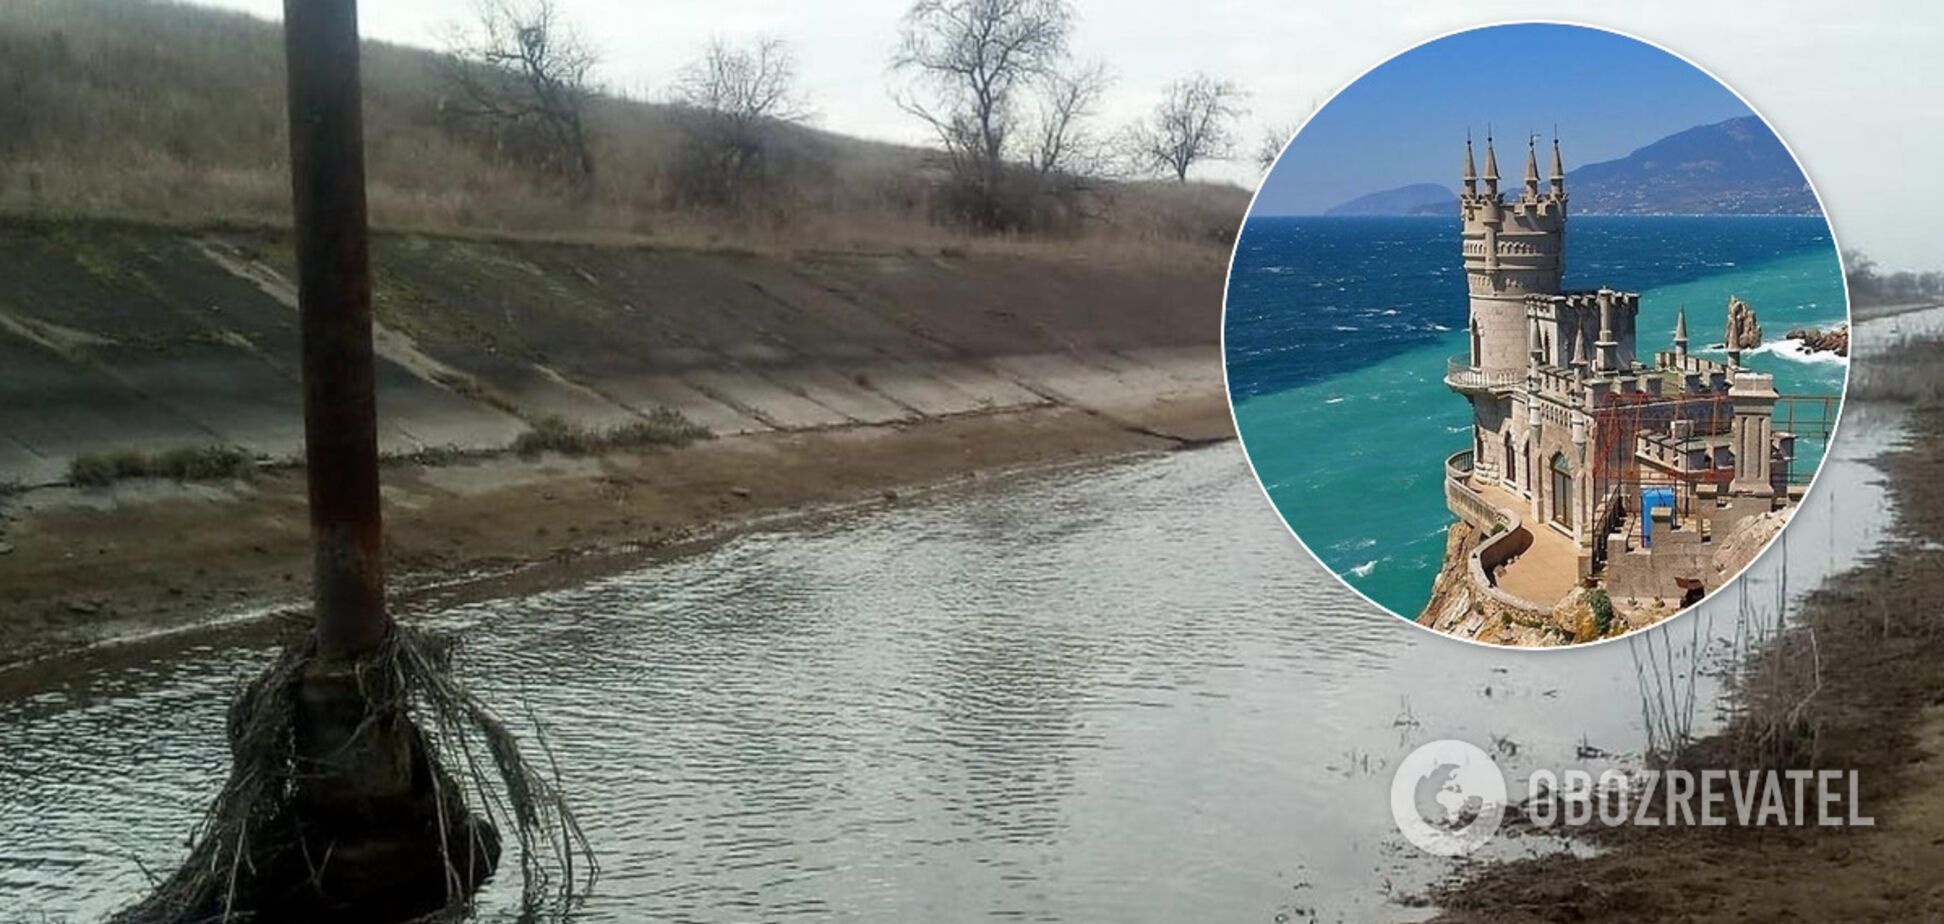 Води в Криму не буде: на півострів насувається екологічна катастрофа